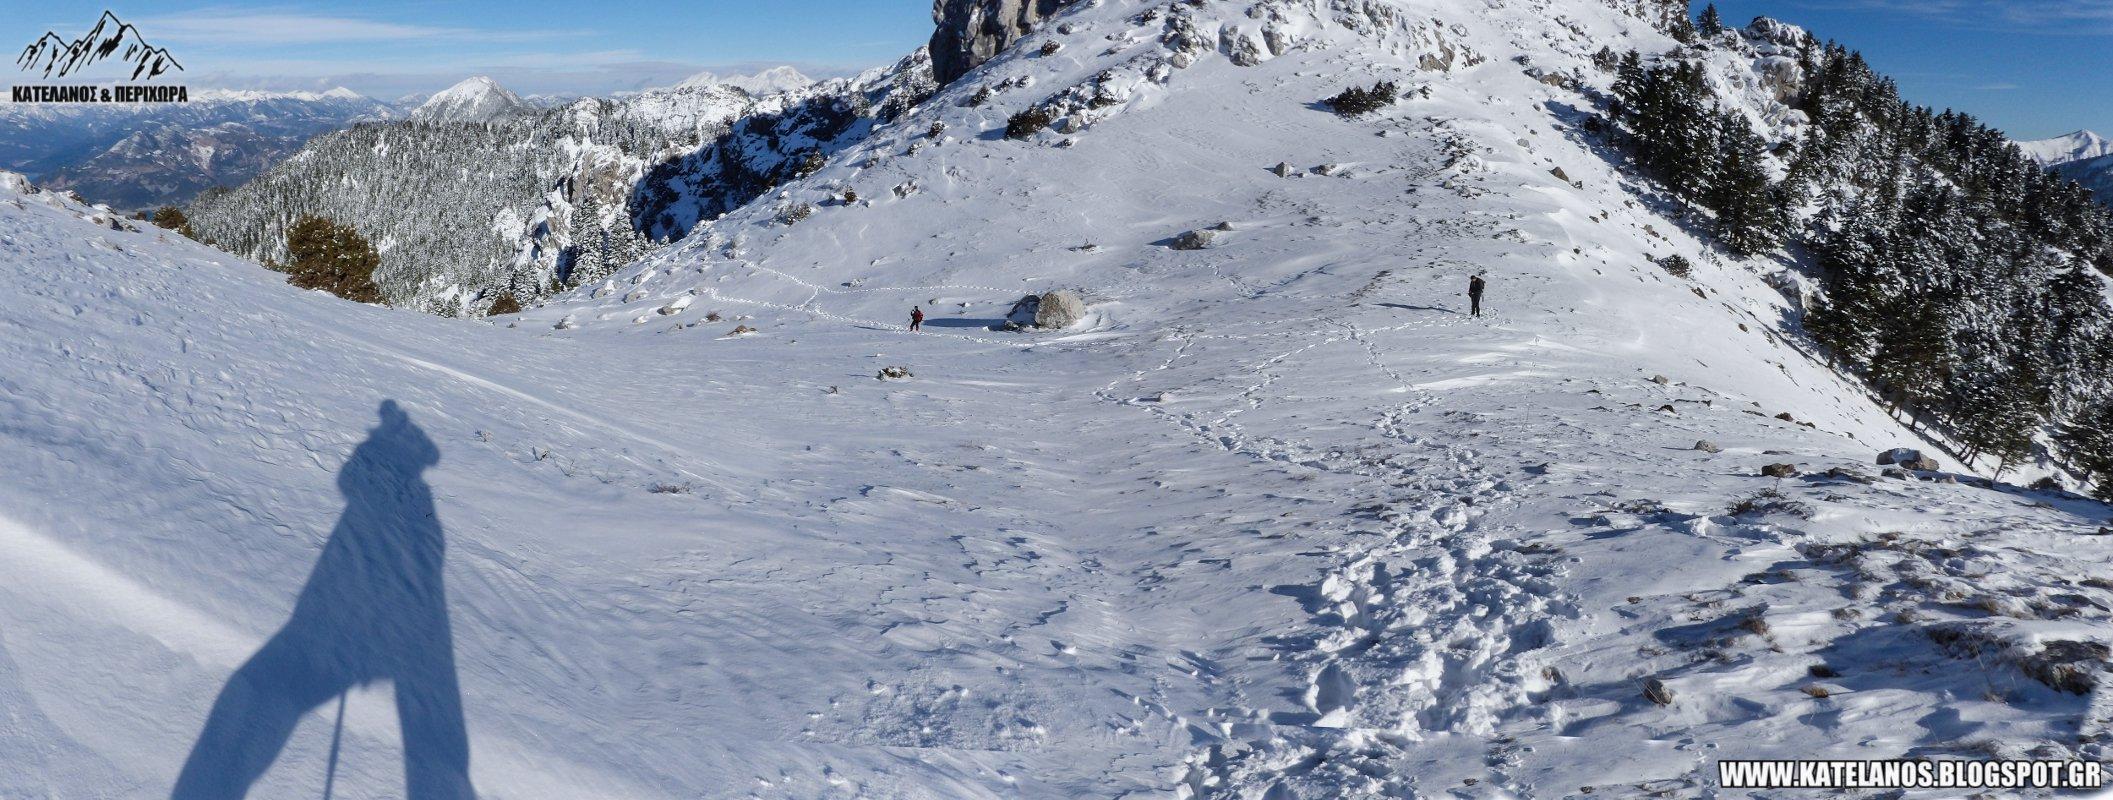 ορειβασια παναιτωλικο ορος αξιοθεατα αιτωλοακαρνανιας